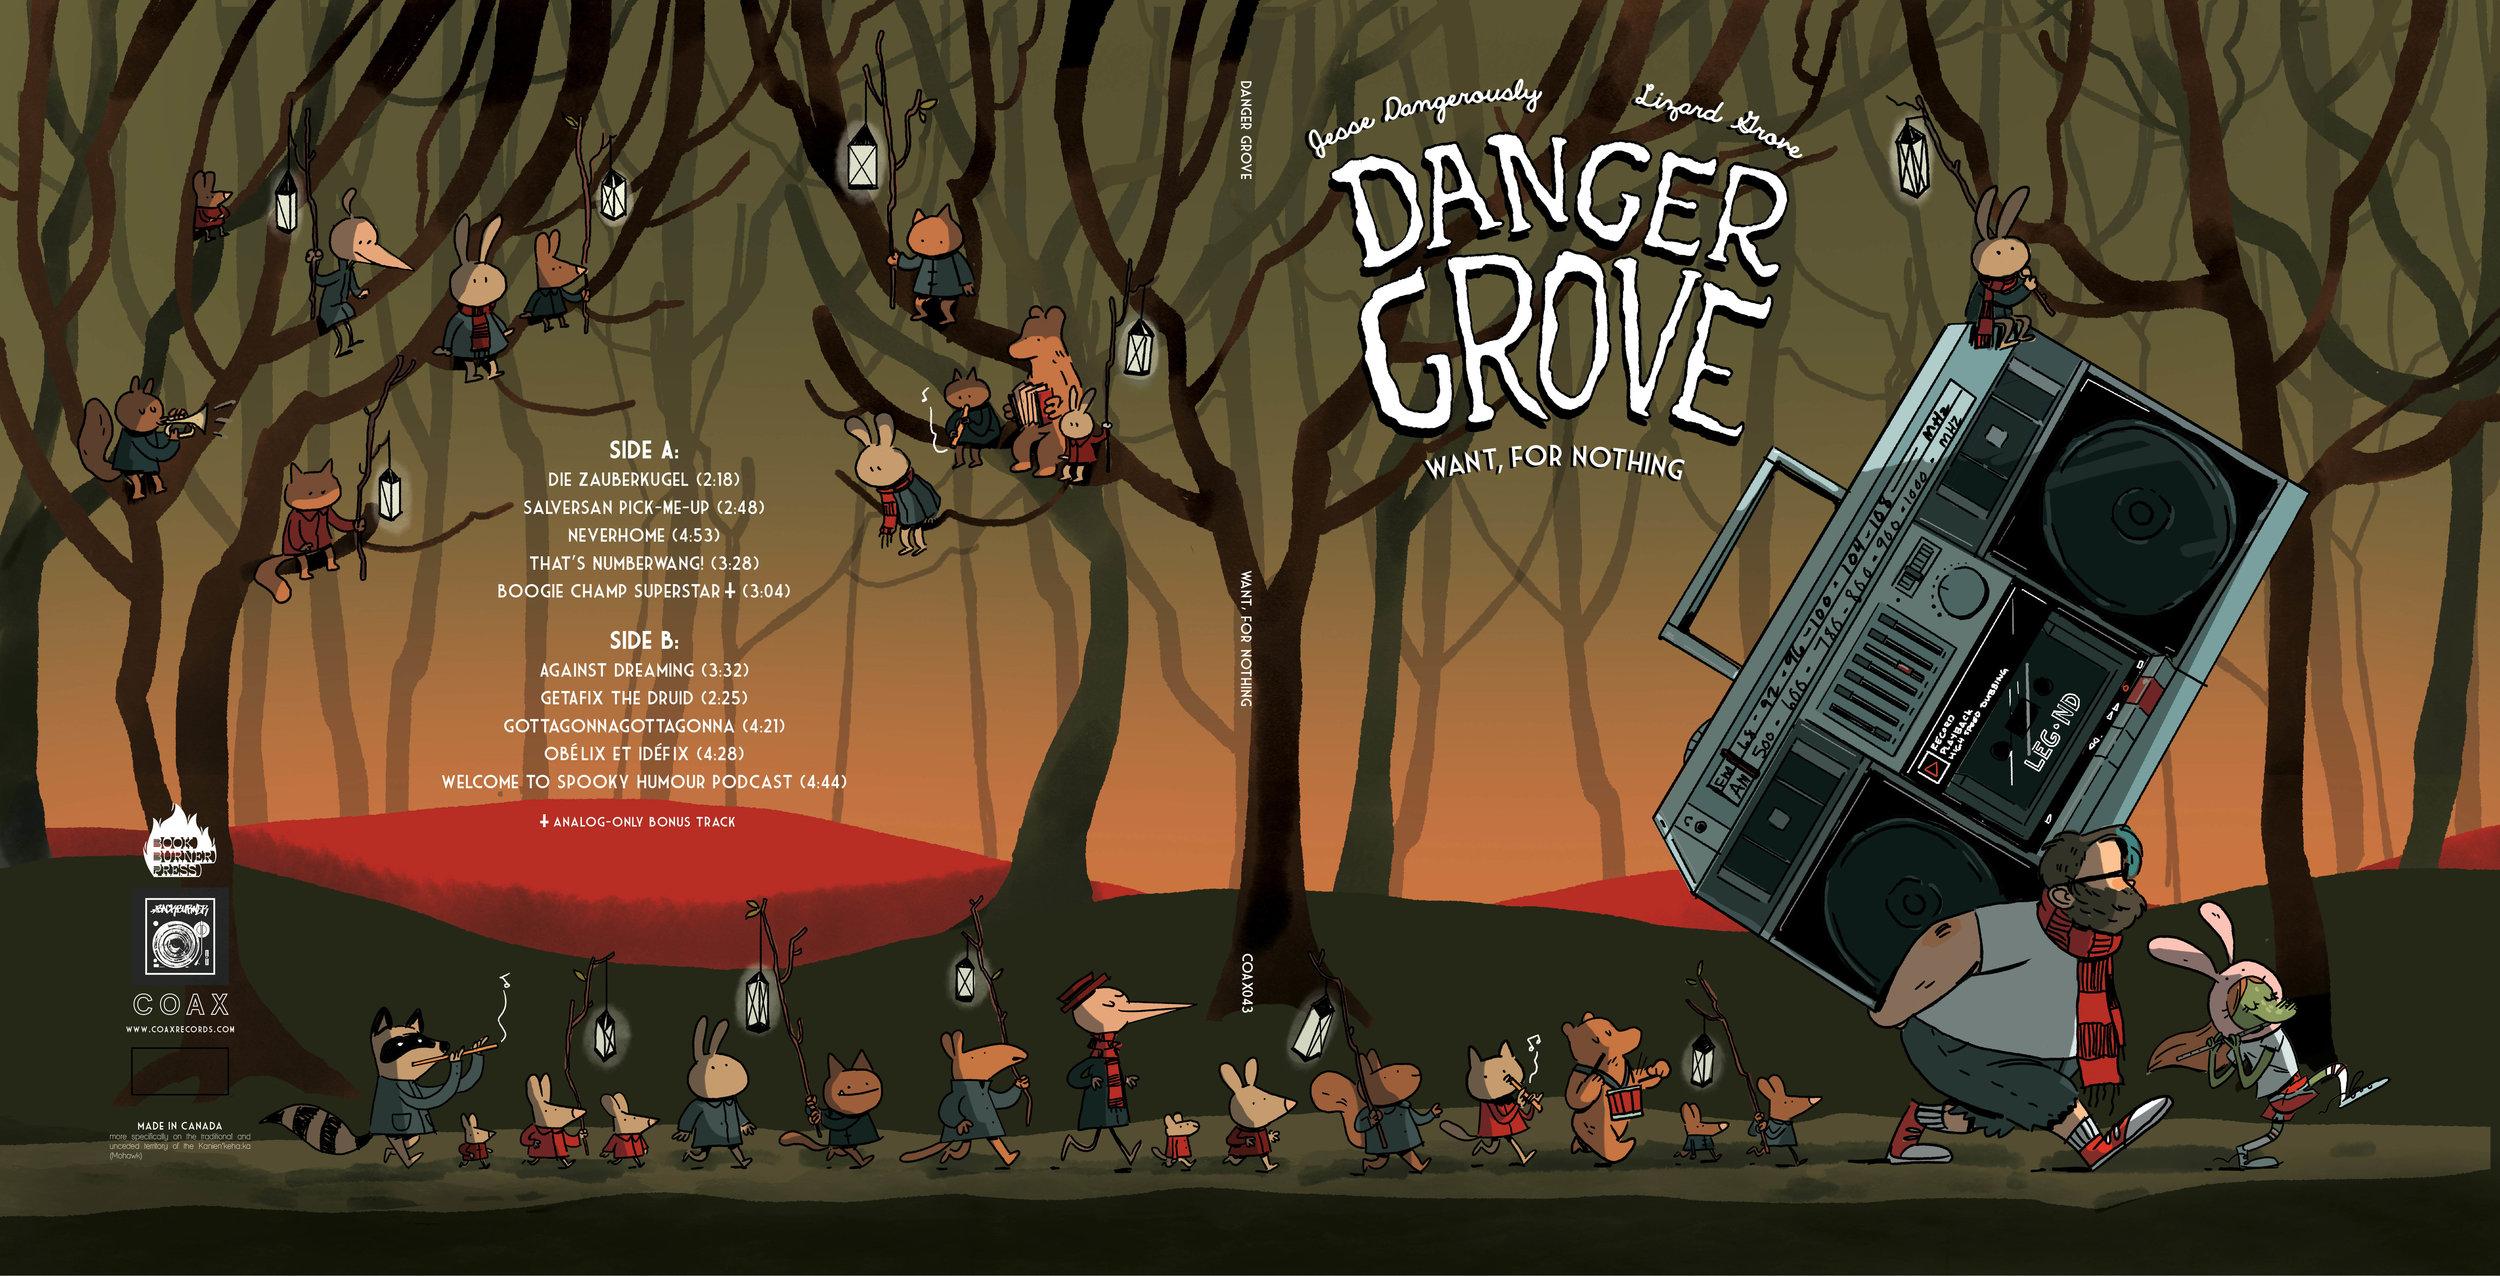 Exterior sleeve for Danger Grove vinyl